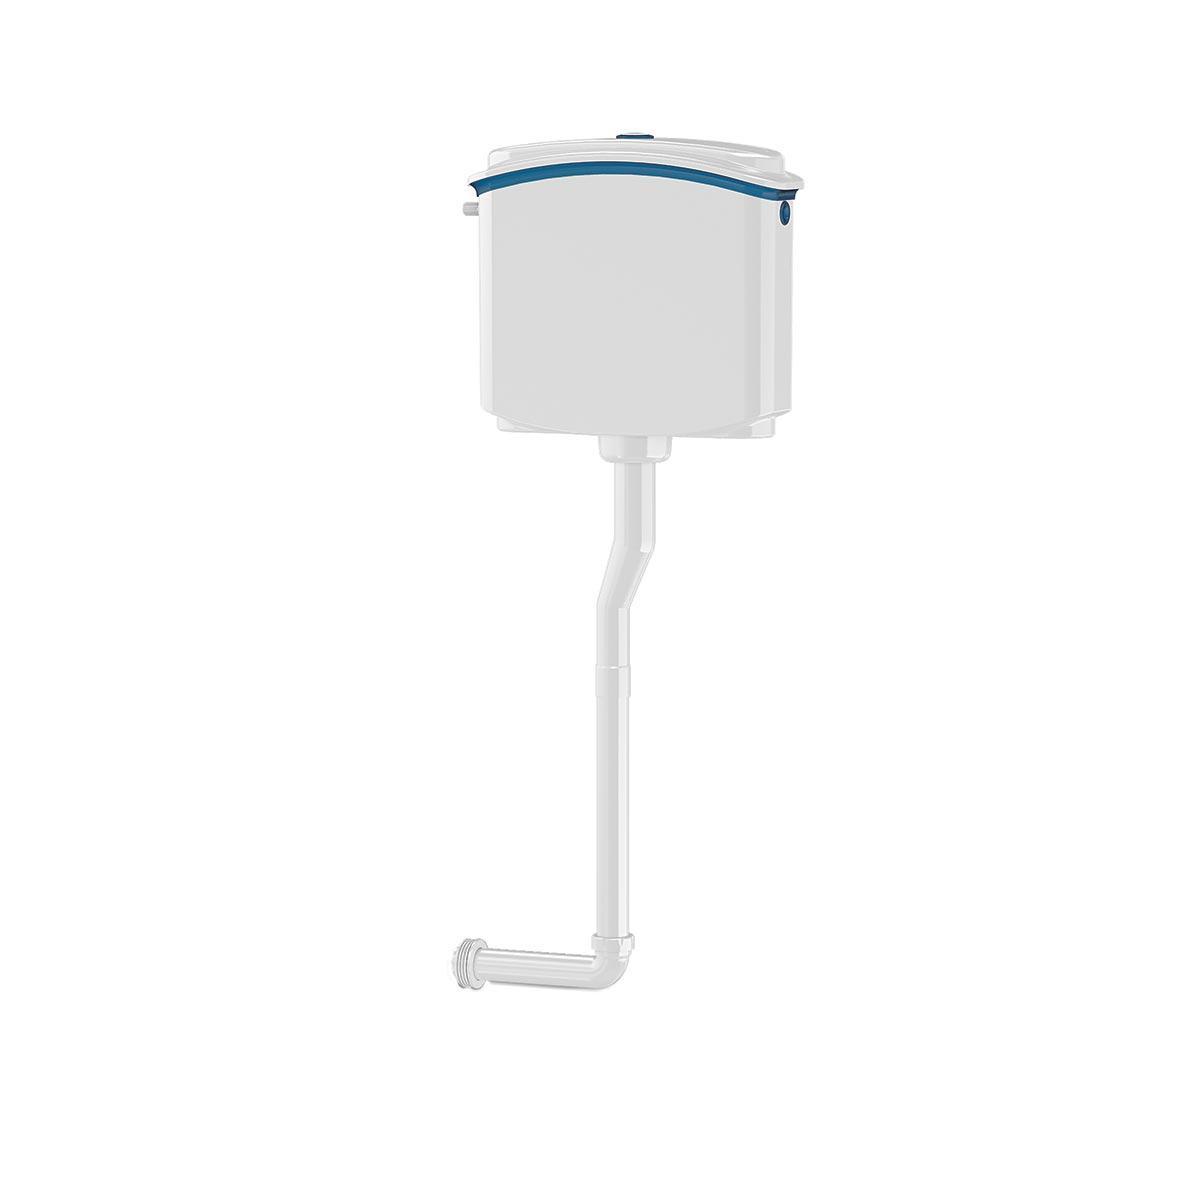 Сливной бачок для унитаза с кнопочным механизмом спуска воды (NOVA 4094, 4090)